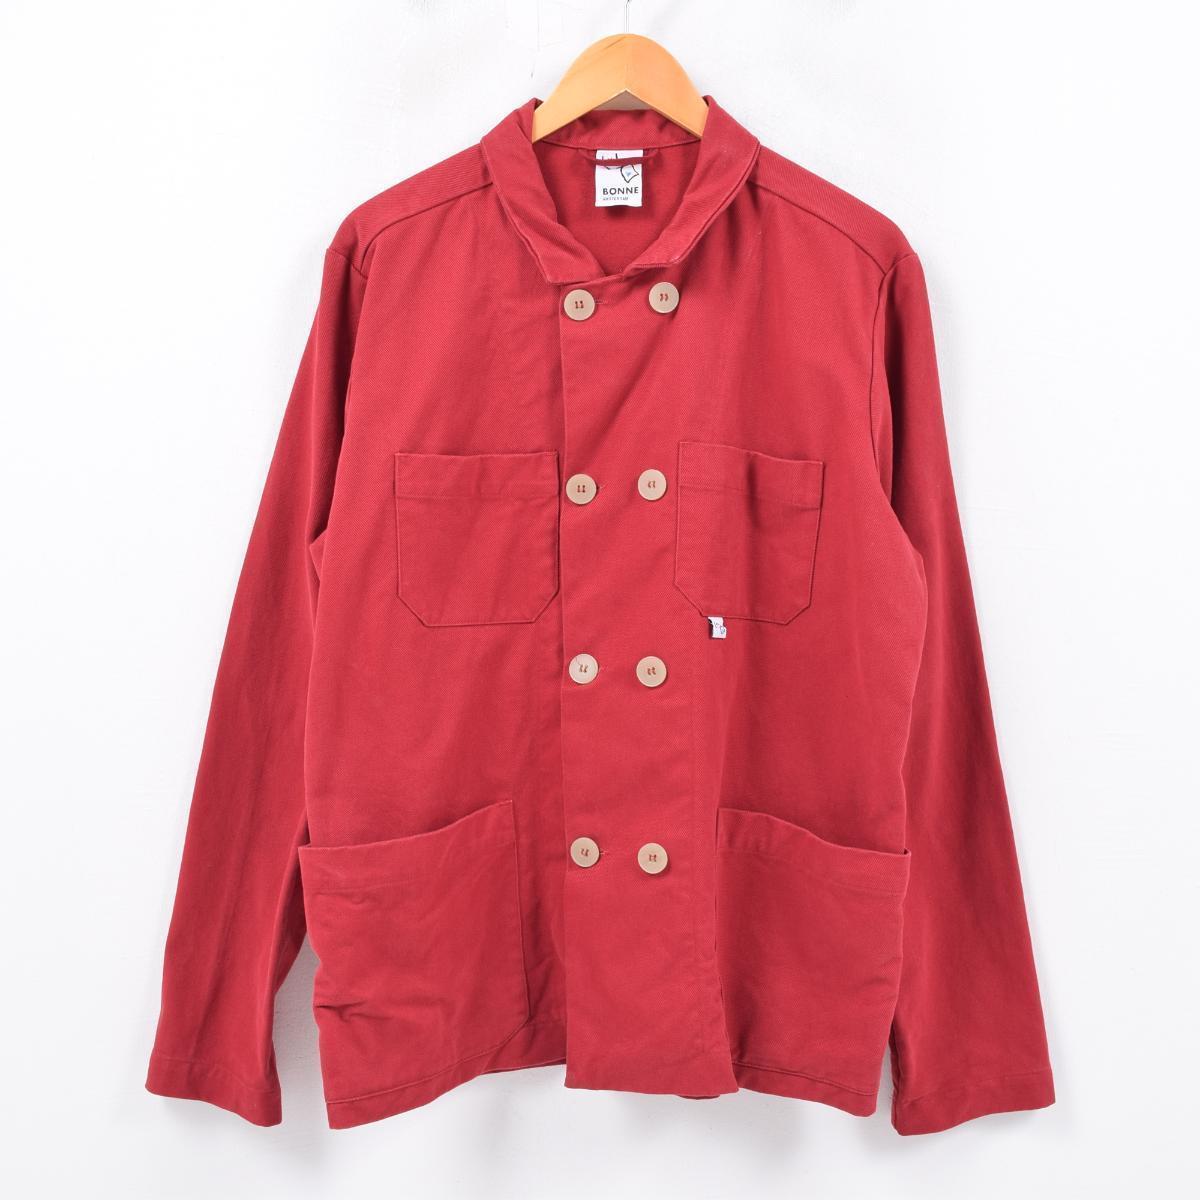 BONNE スーツジャケット コットンツイルジャケット オランダ製 メンズM /wbc4893 【中古】 【190322】